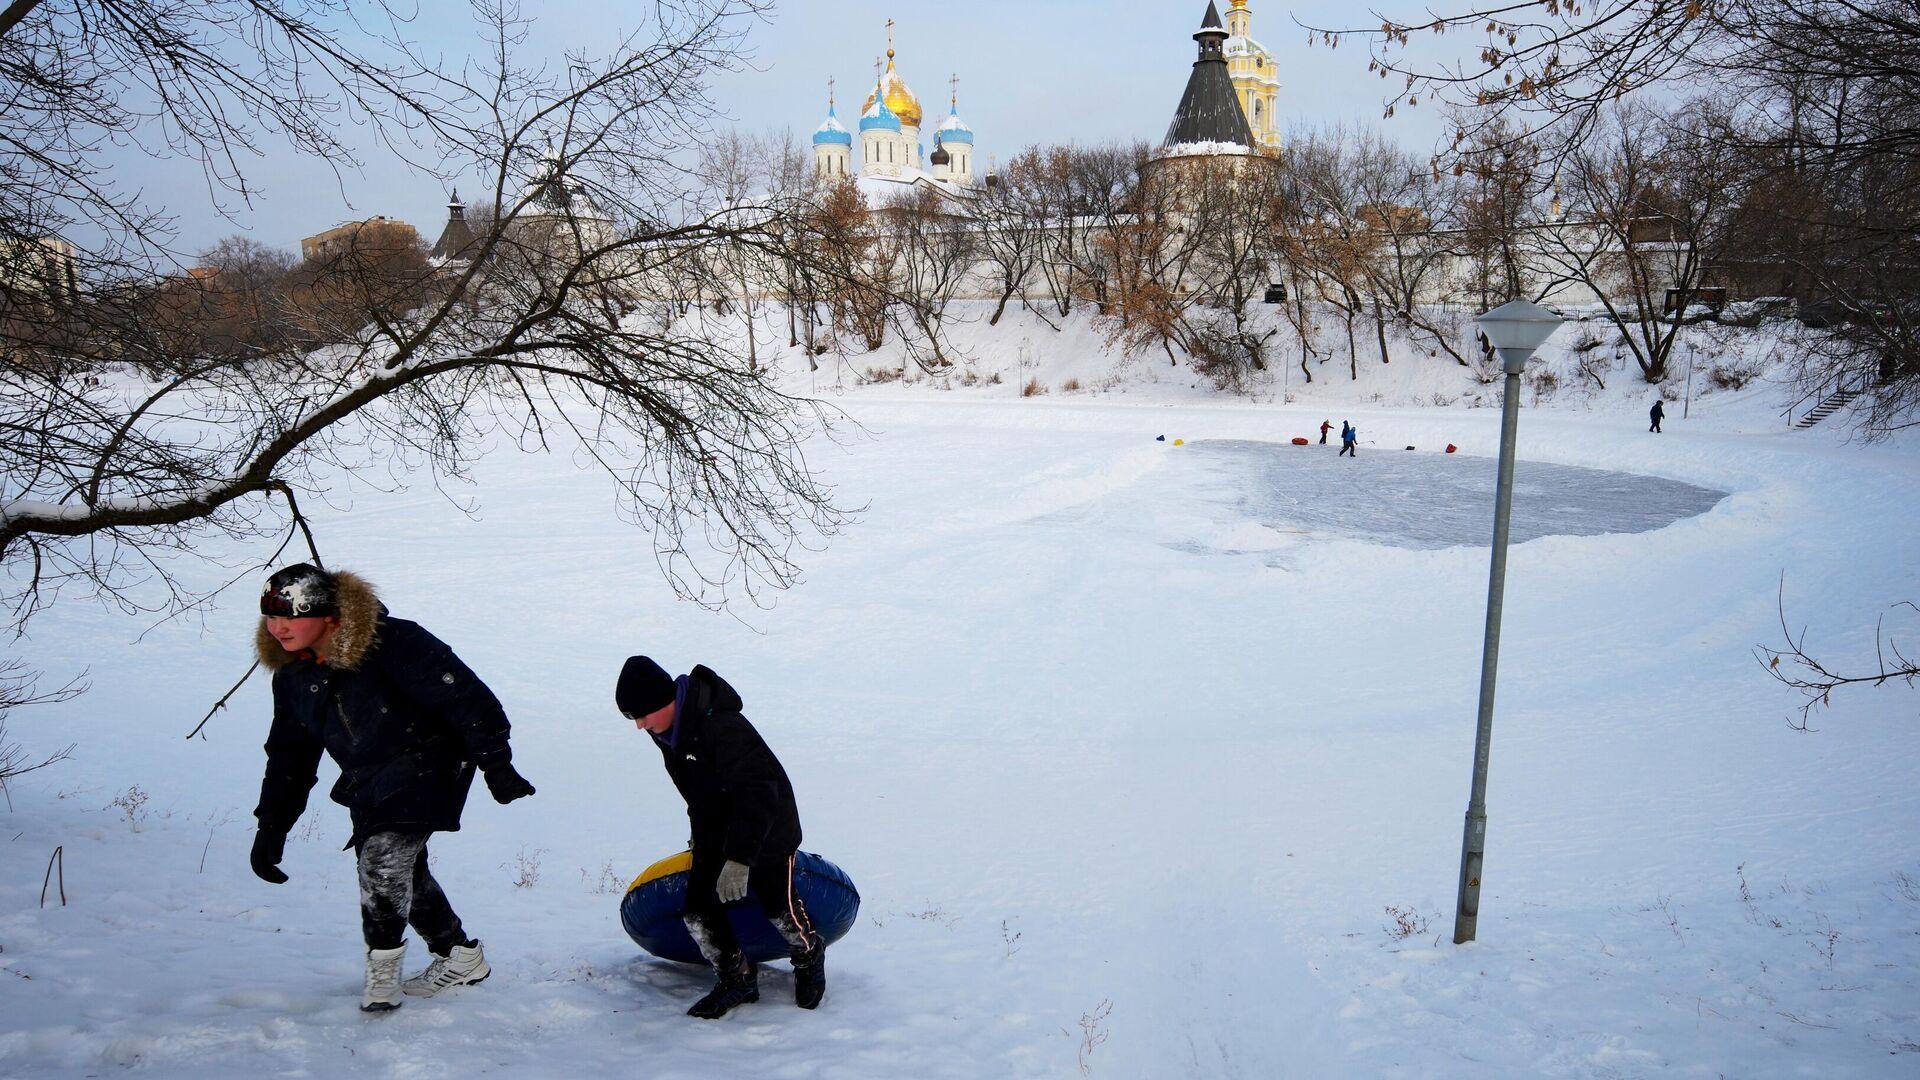 Дети катаются на ватрушке возле Новоспасского монастыря в Москве - РИА Новости, 1920, 18.01.2021